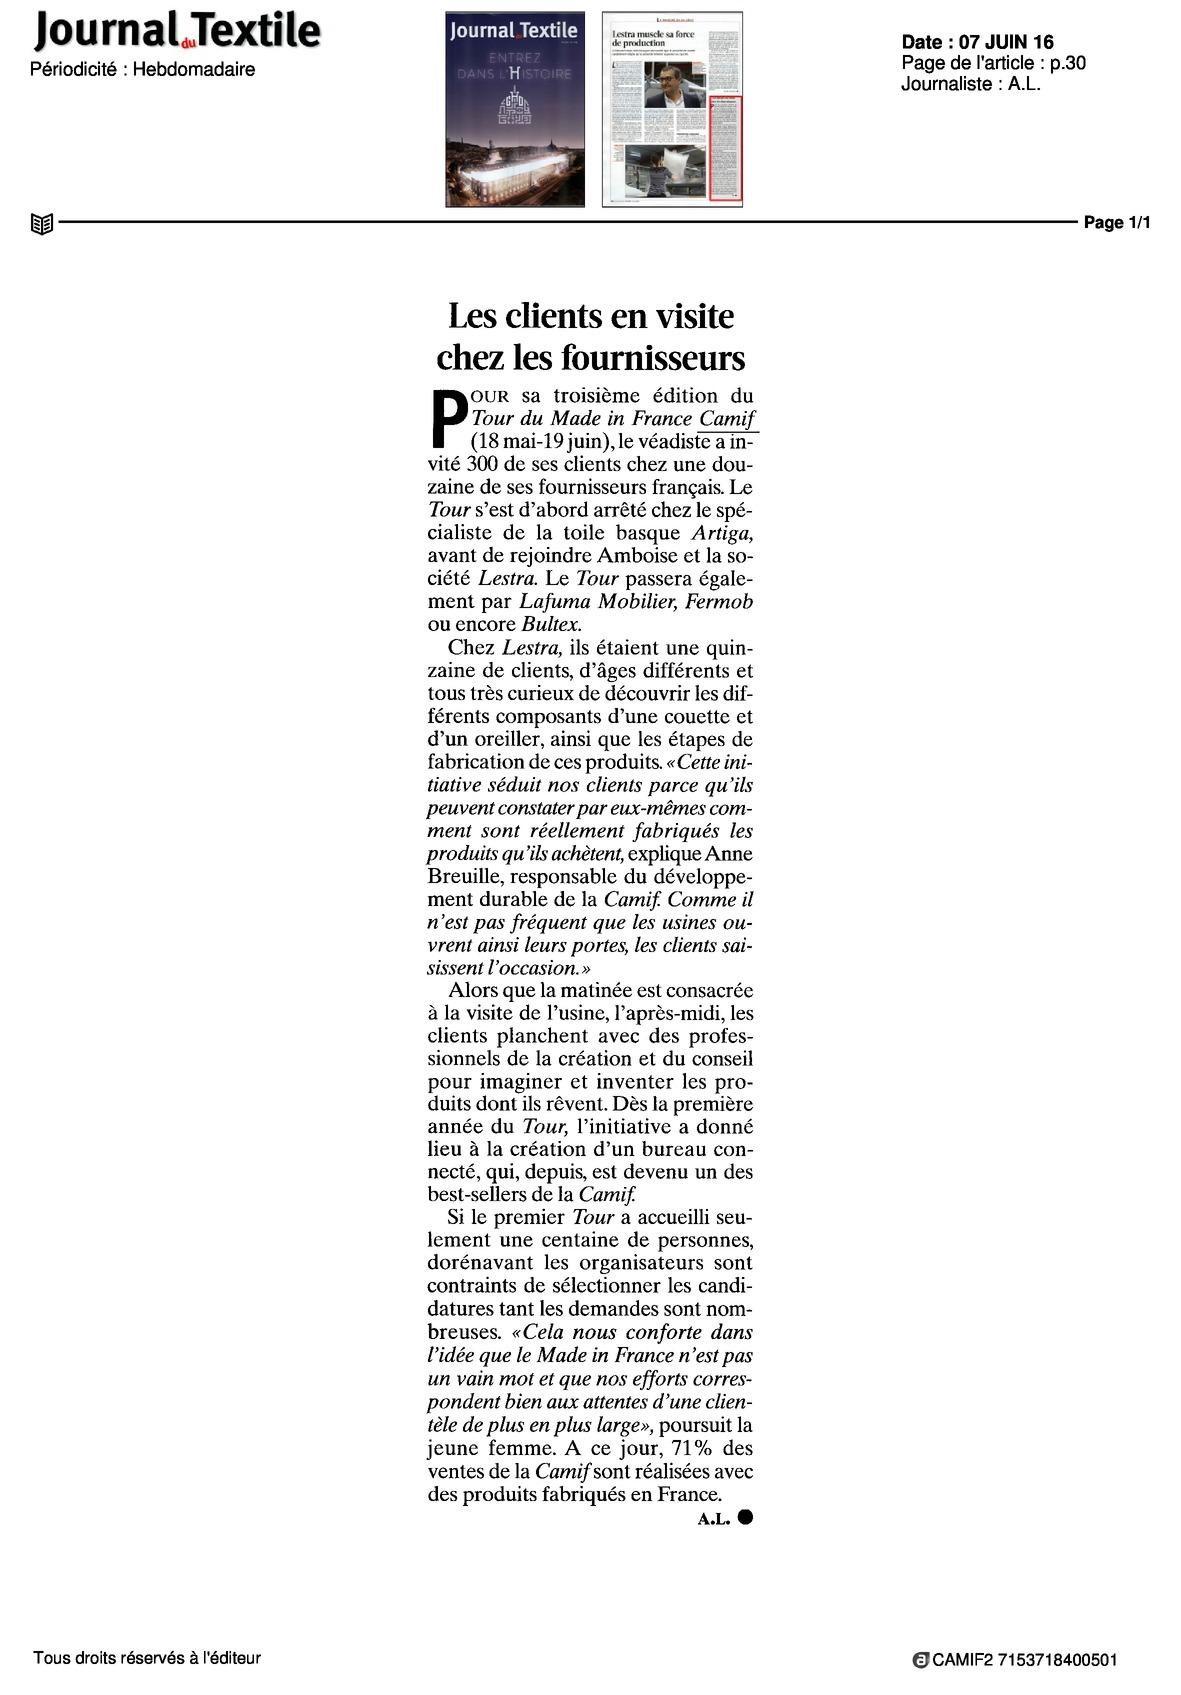 2016-06-071517journal_du_textile-page0